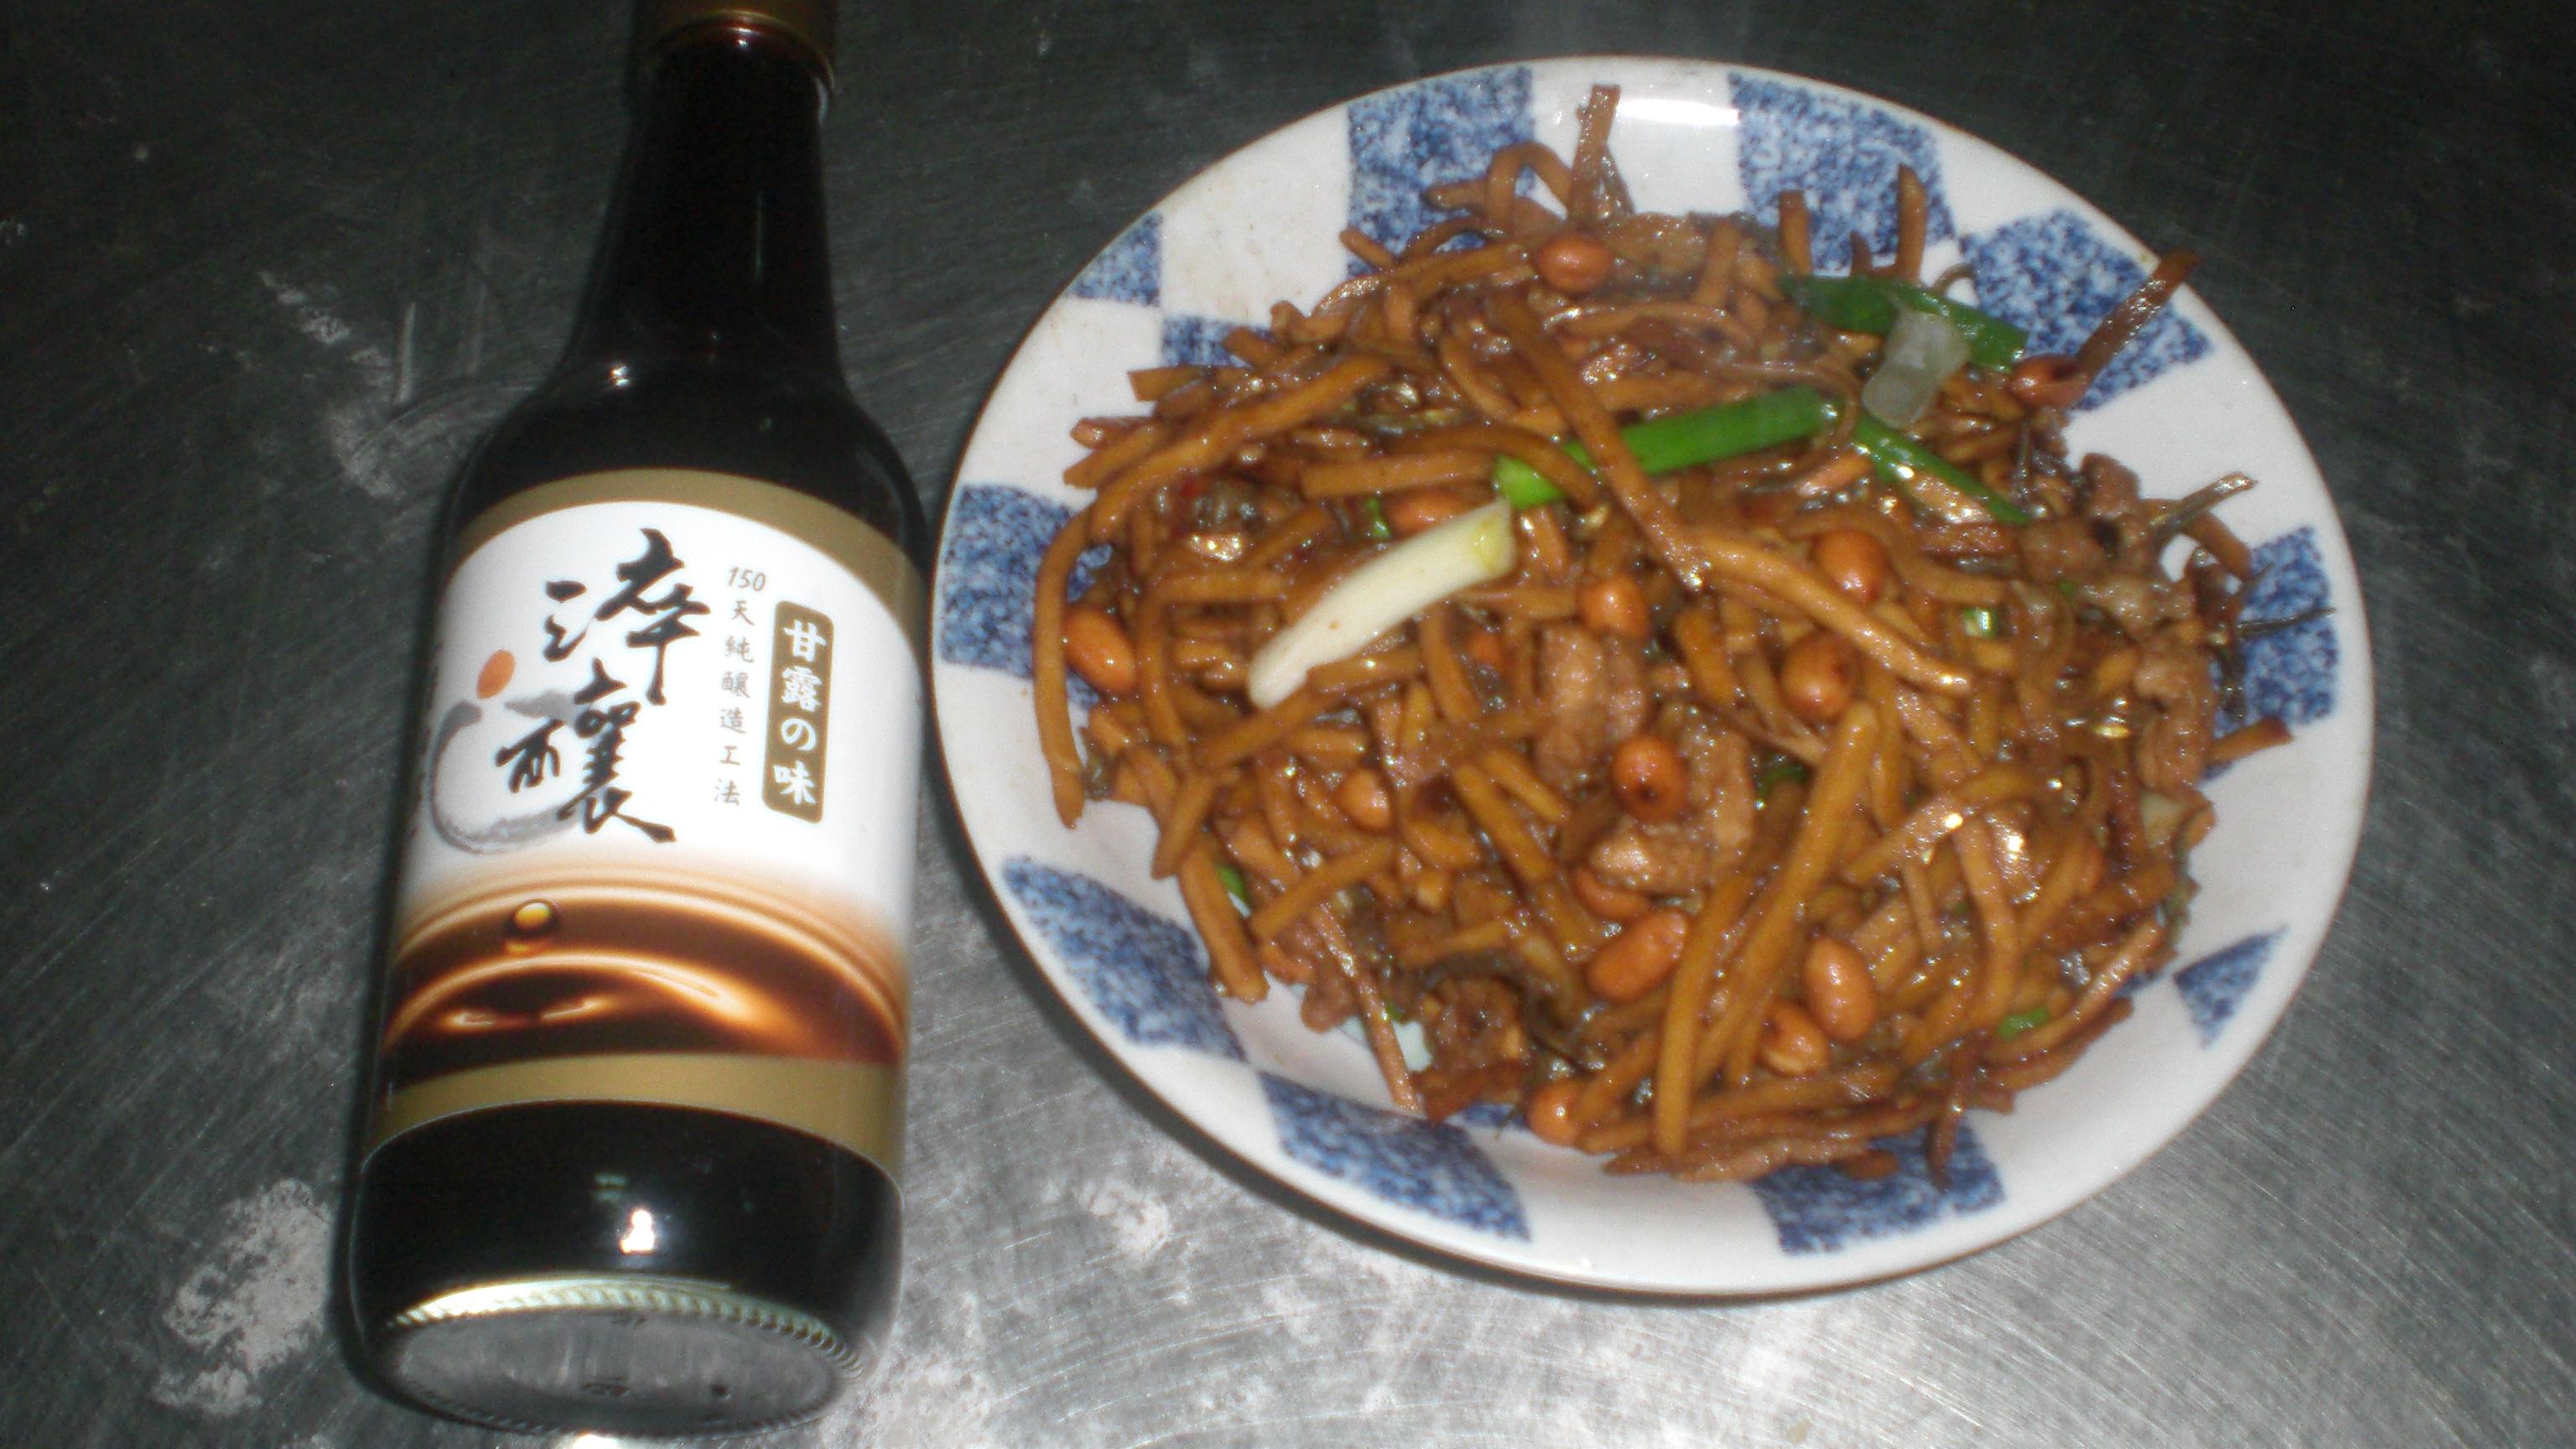 豆干絲炒小魚 淬釀決勝料理